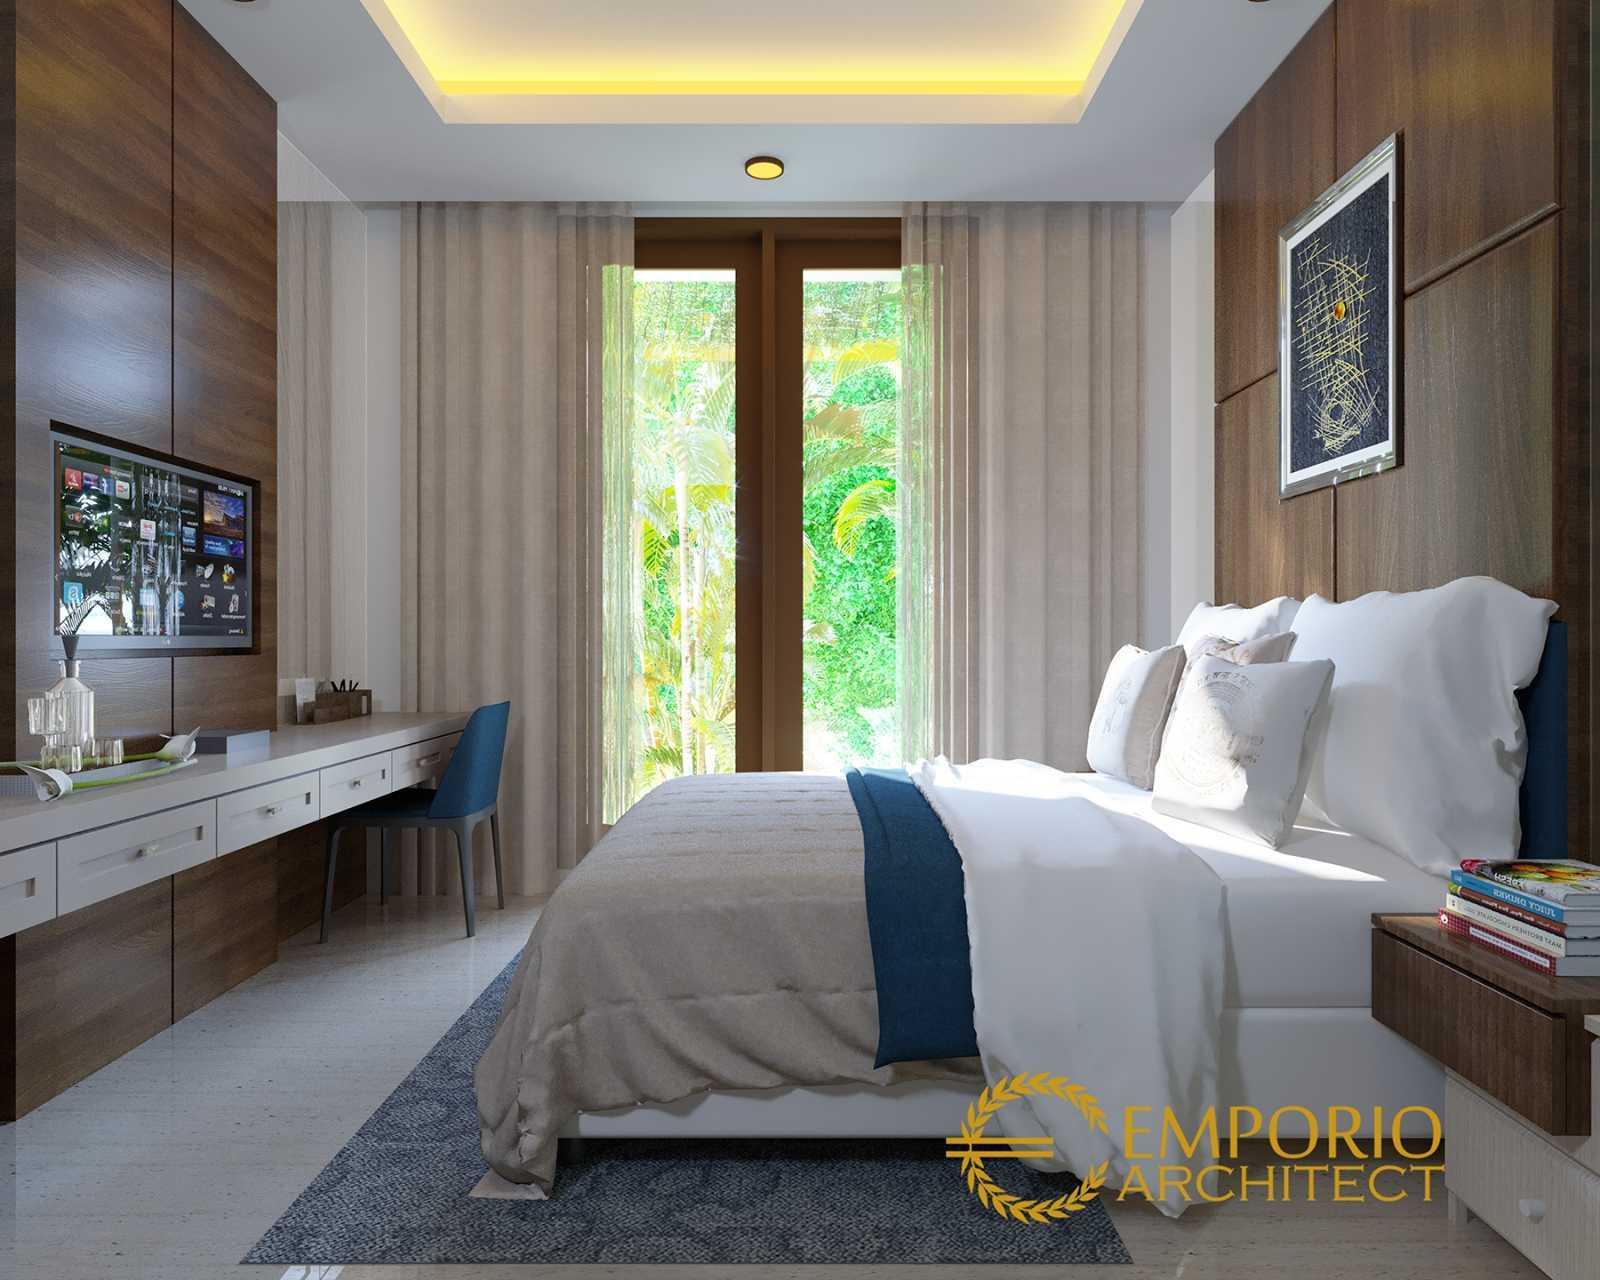 Emporio Architect Desain Kost Modern Tropis 537 @ Palembang Palembang, Kota Palembang, Sumatera Selatan, Indonesia Palembang, Kota Palembang, Sumatera Selatan, Indonesia Emporio-Architect-Desain-Kost-Modern-Tropis-537-Palembang  78159